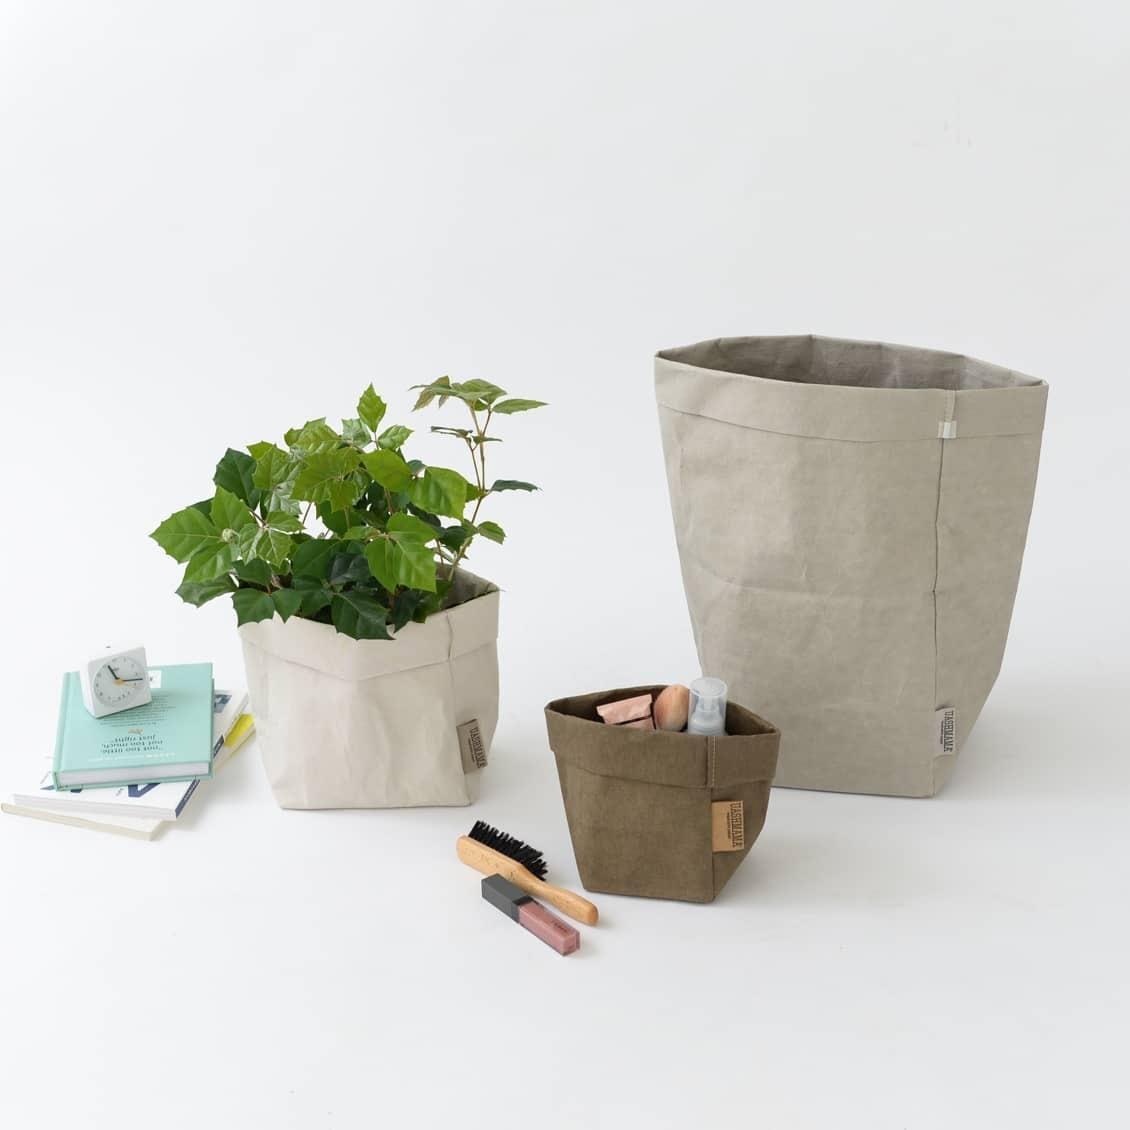 【新商品】生活感をかわいくカバーできる、ペーパー収納バッグを見つけました♩